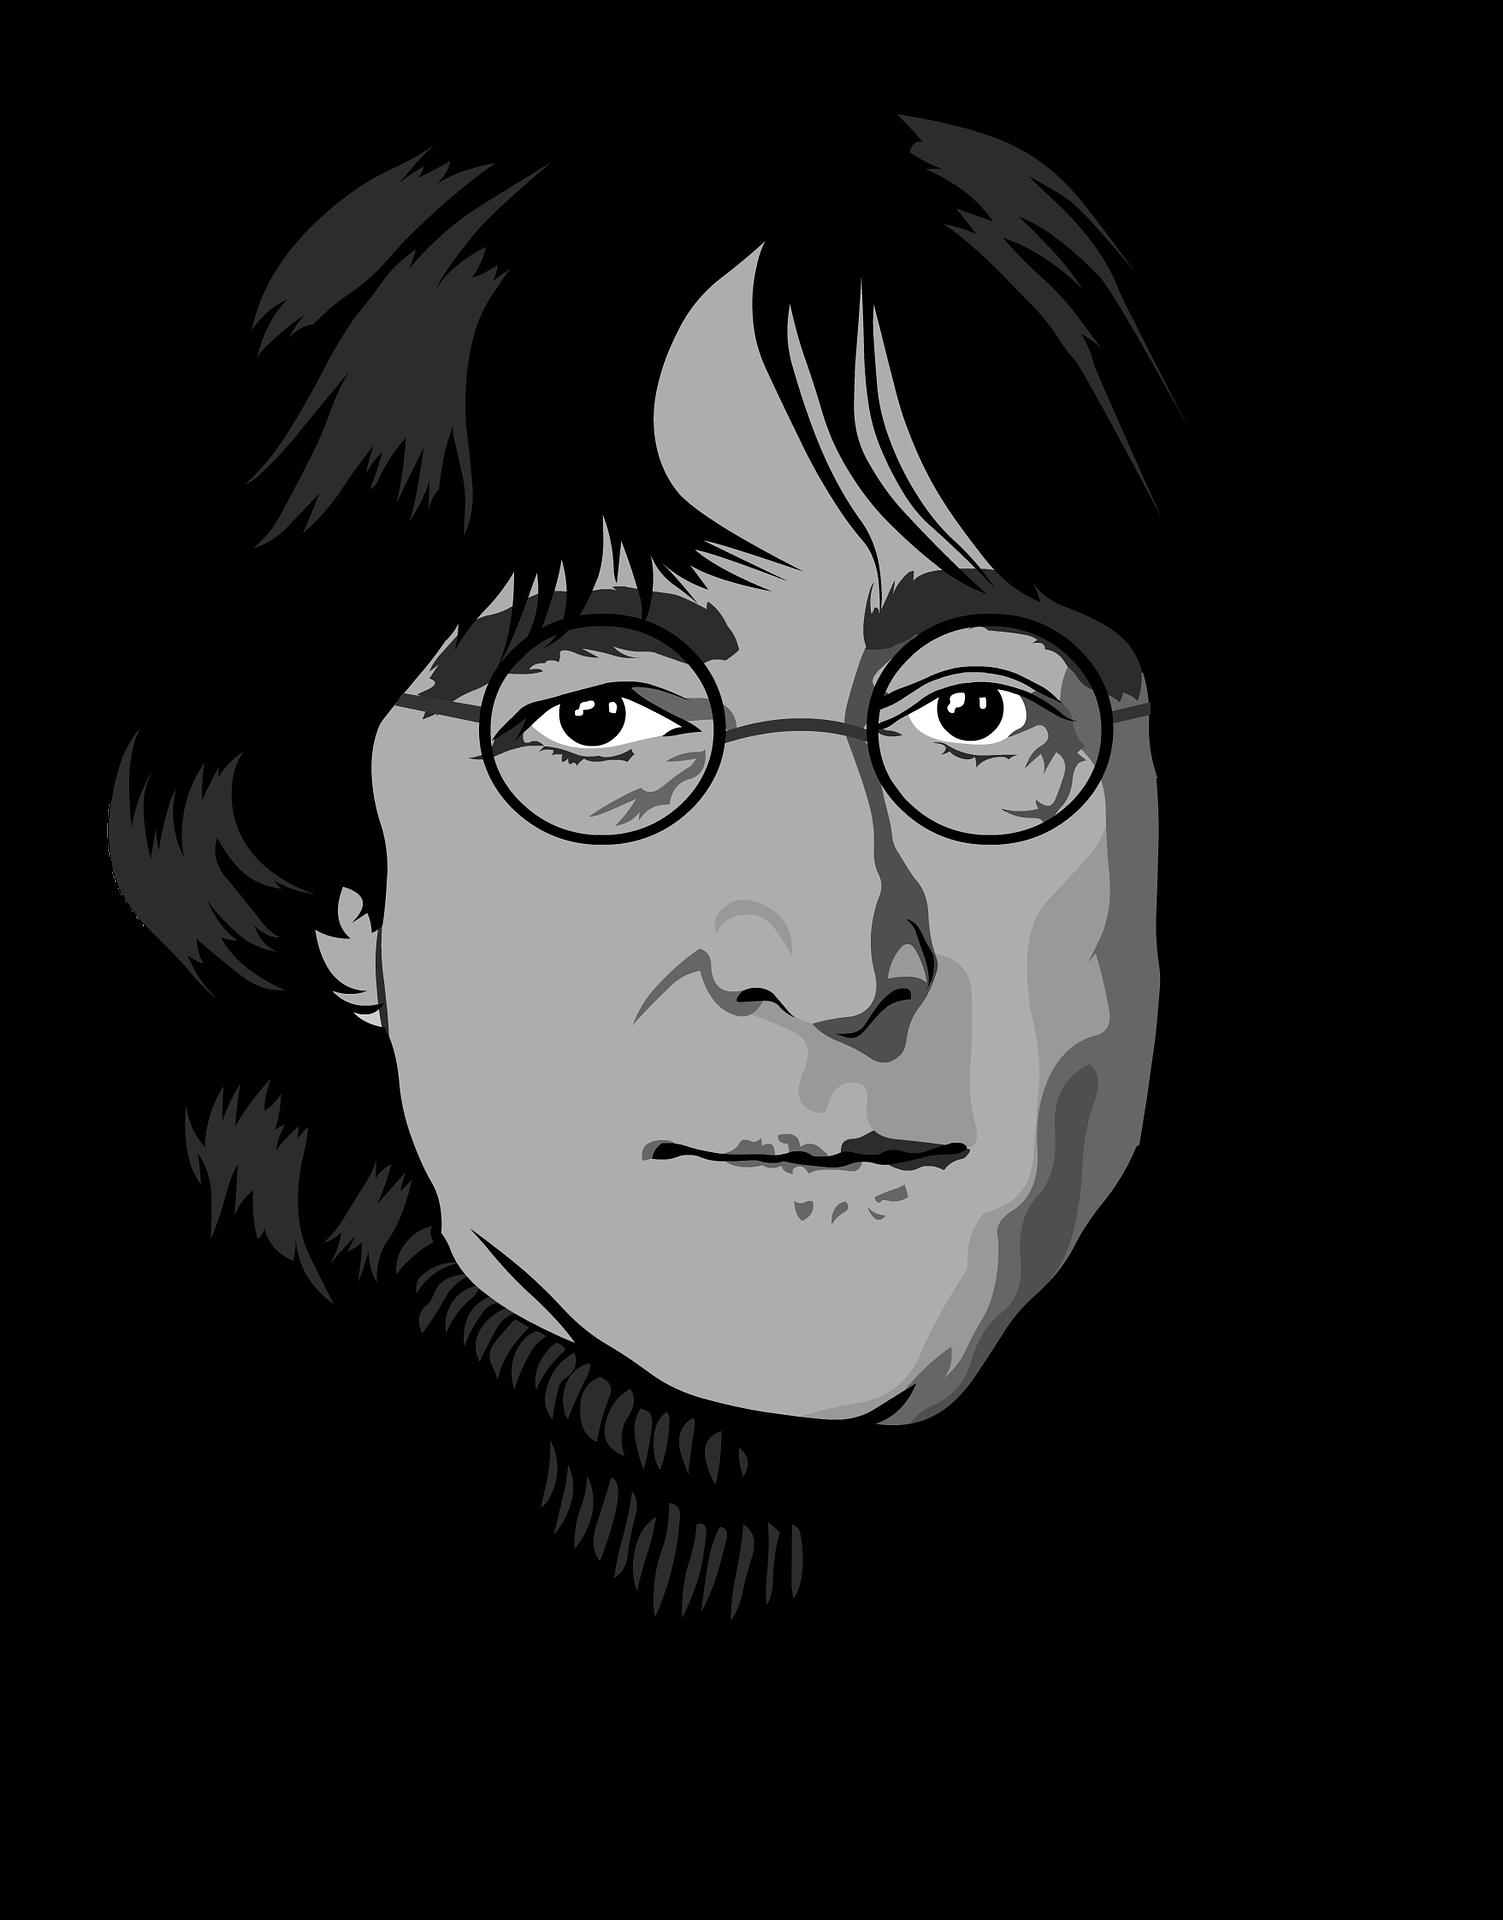 Mordet på John Lennon